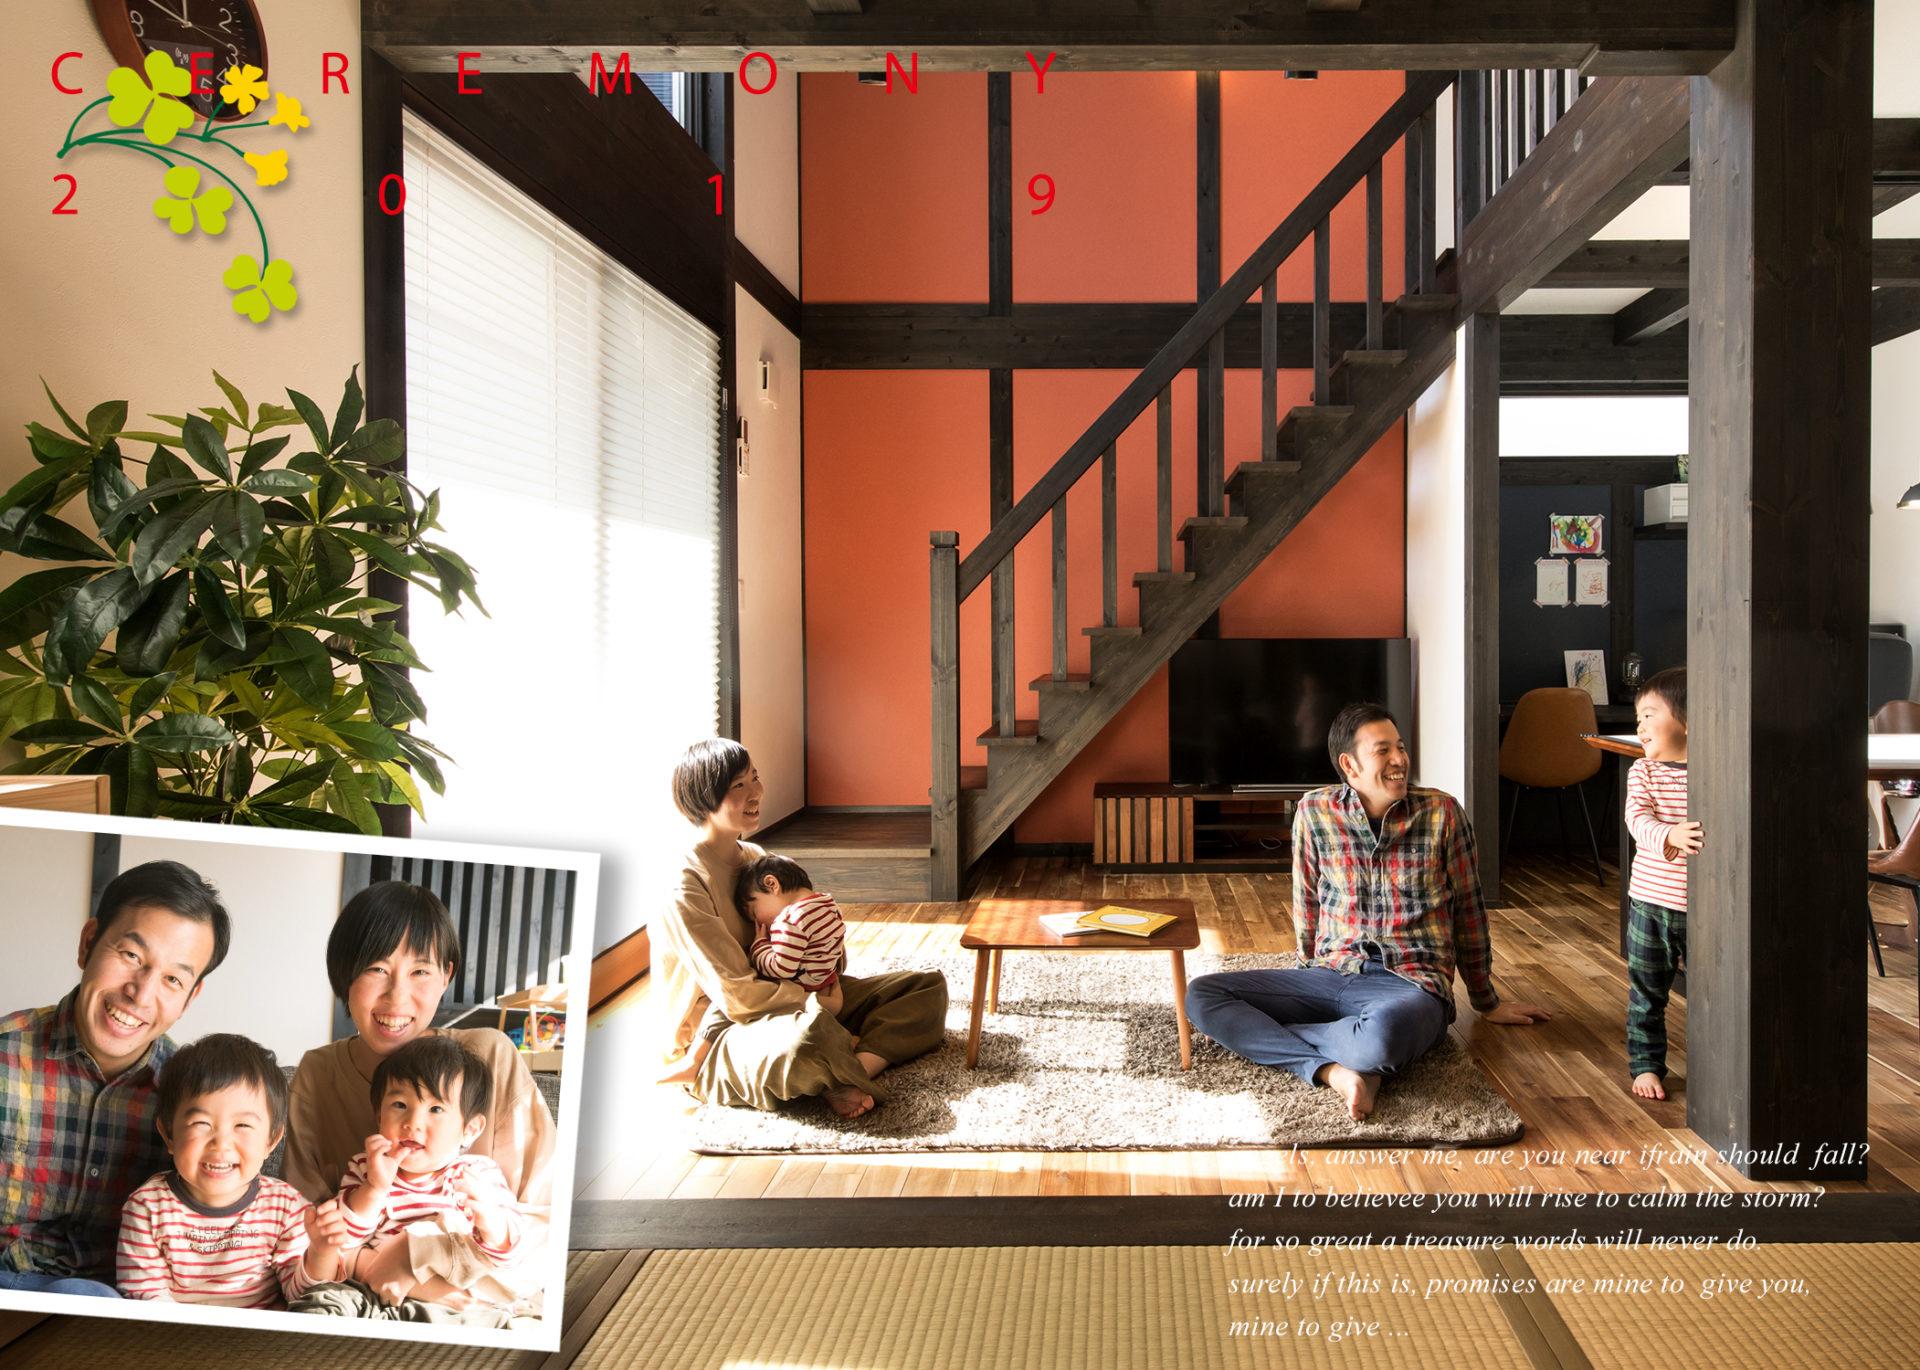 2階にいても子供の声が響きわたる旅館のような家。